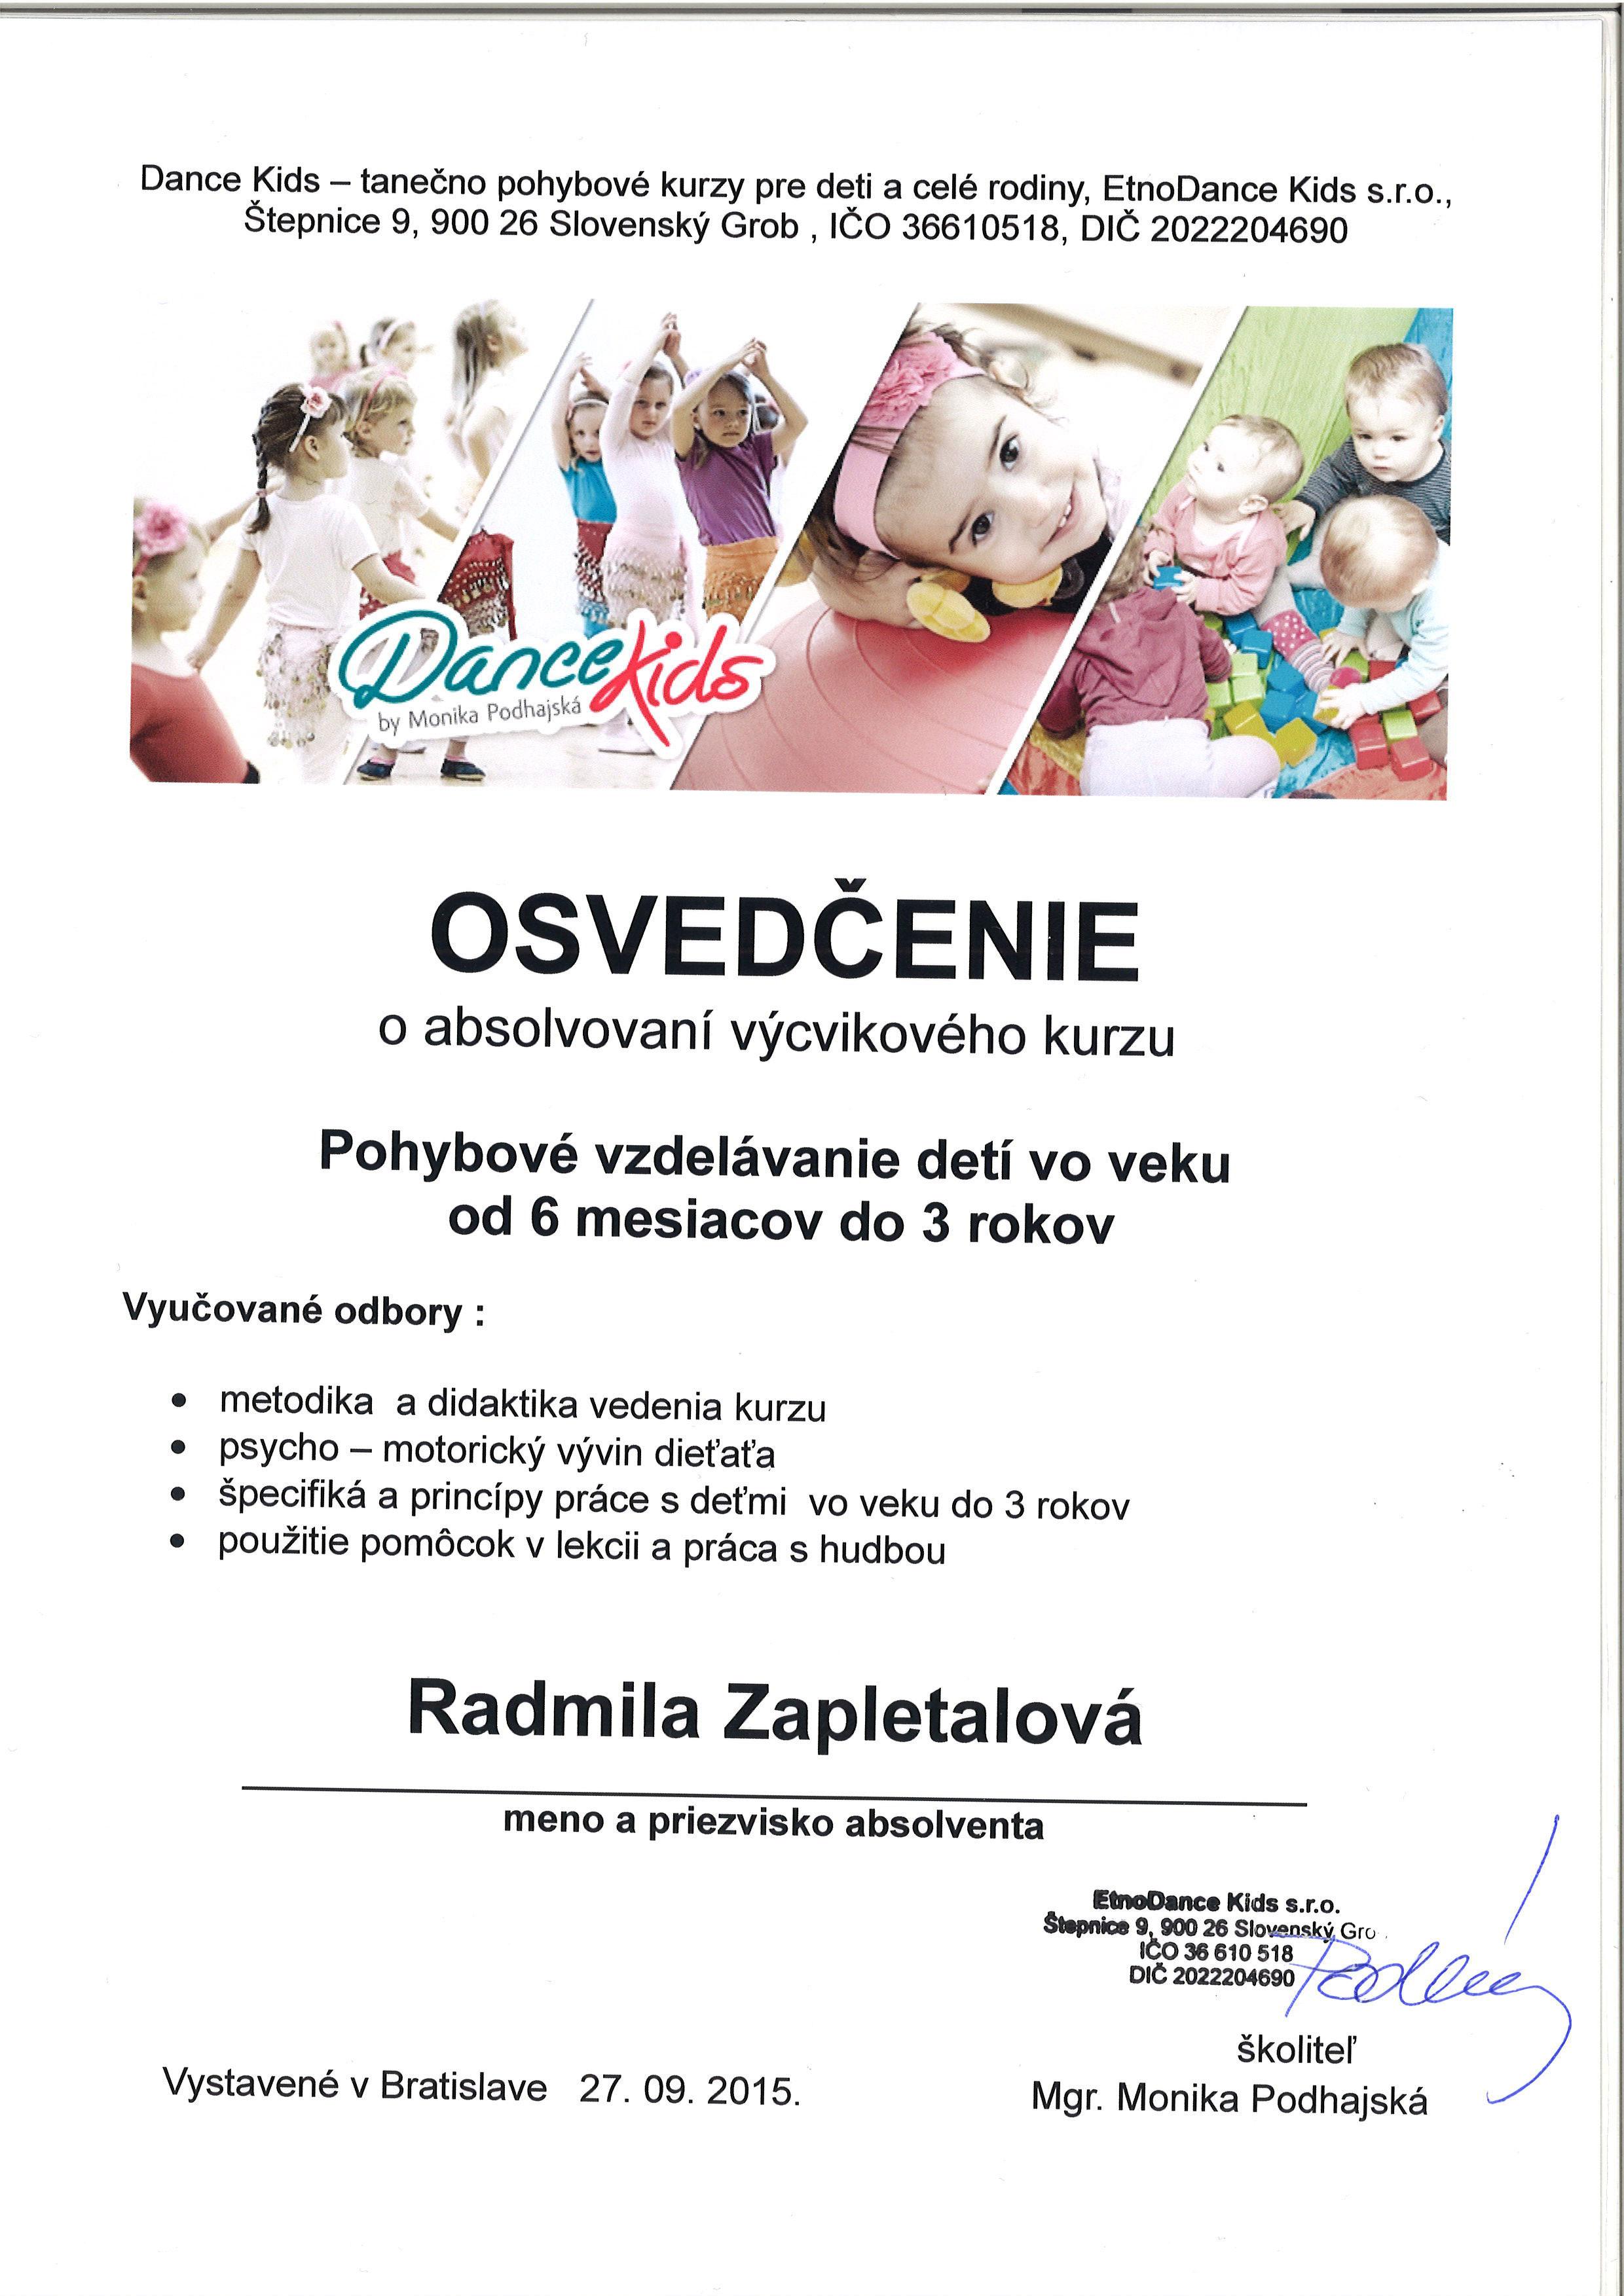 certifikaty-radmila-zapletalova-kranerova-05